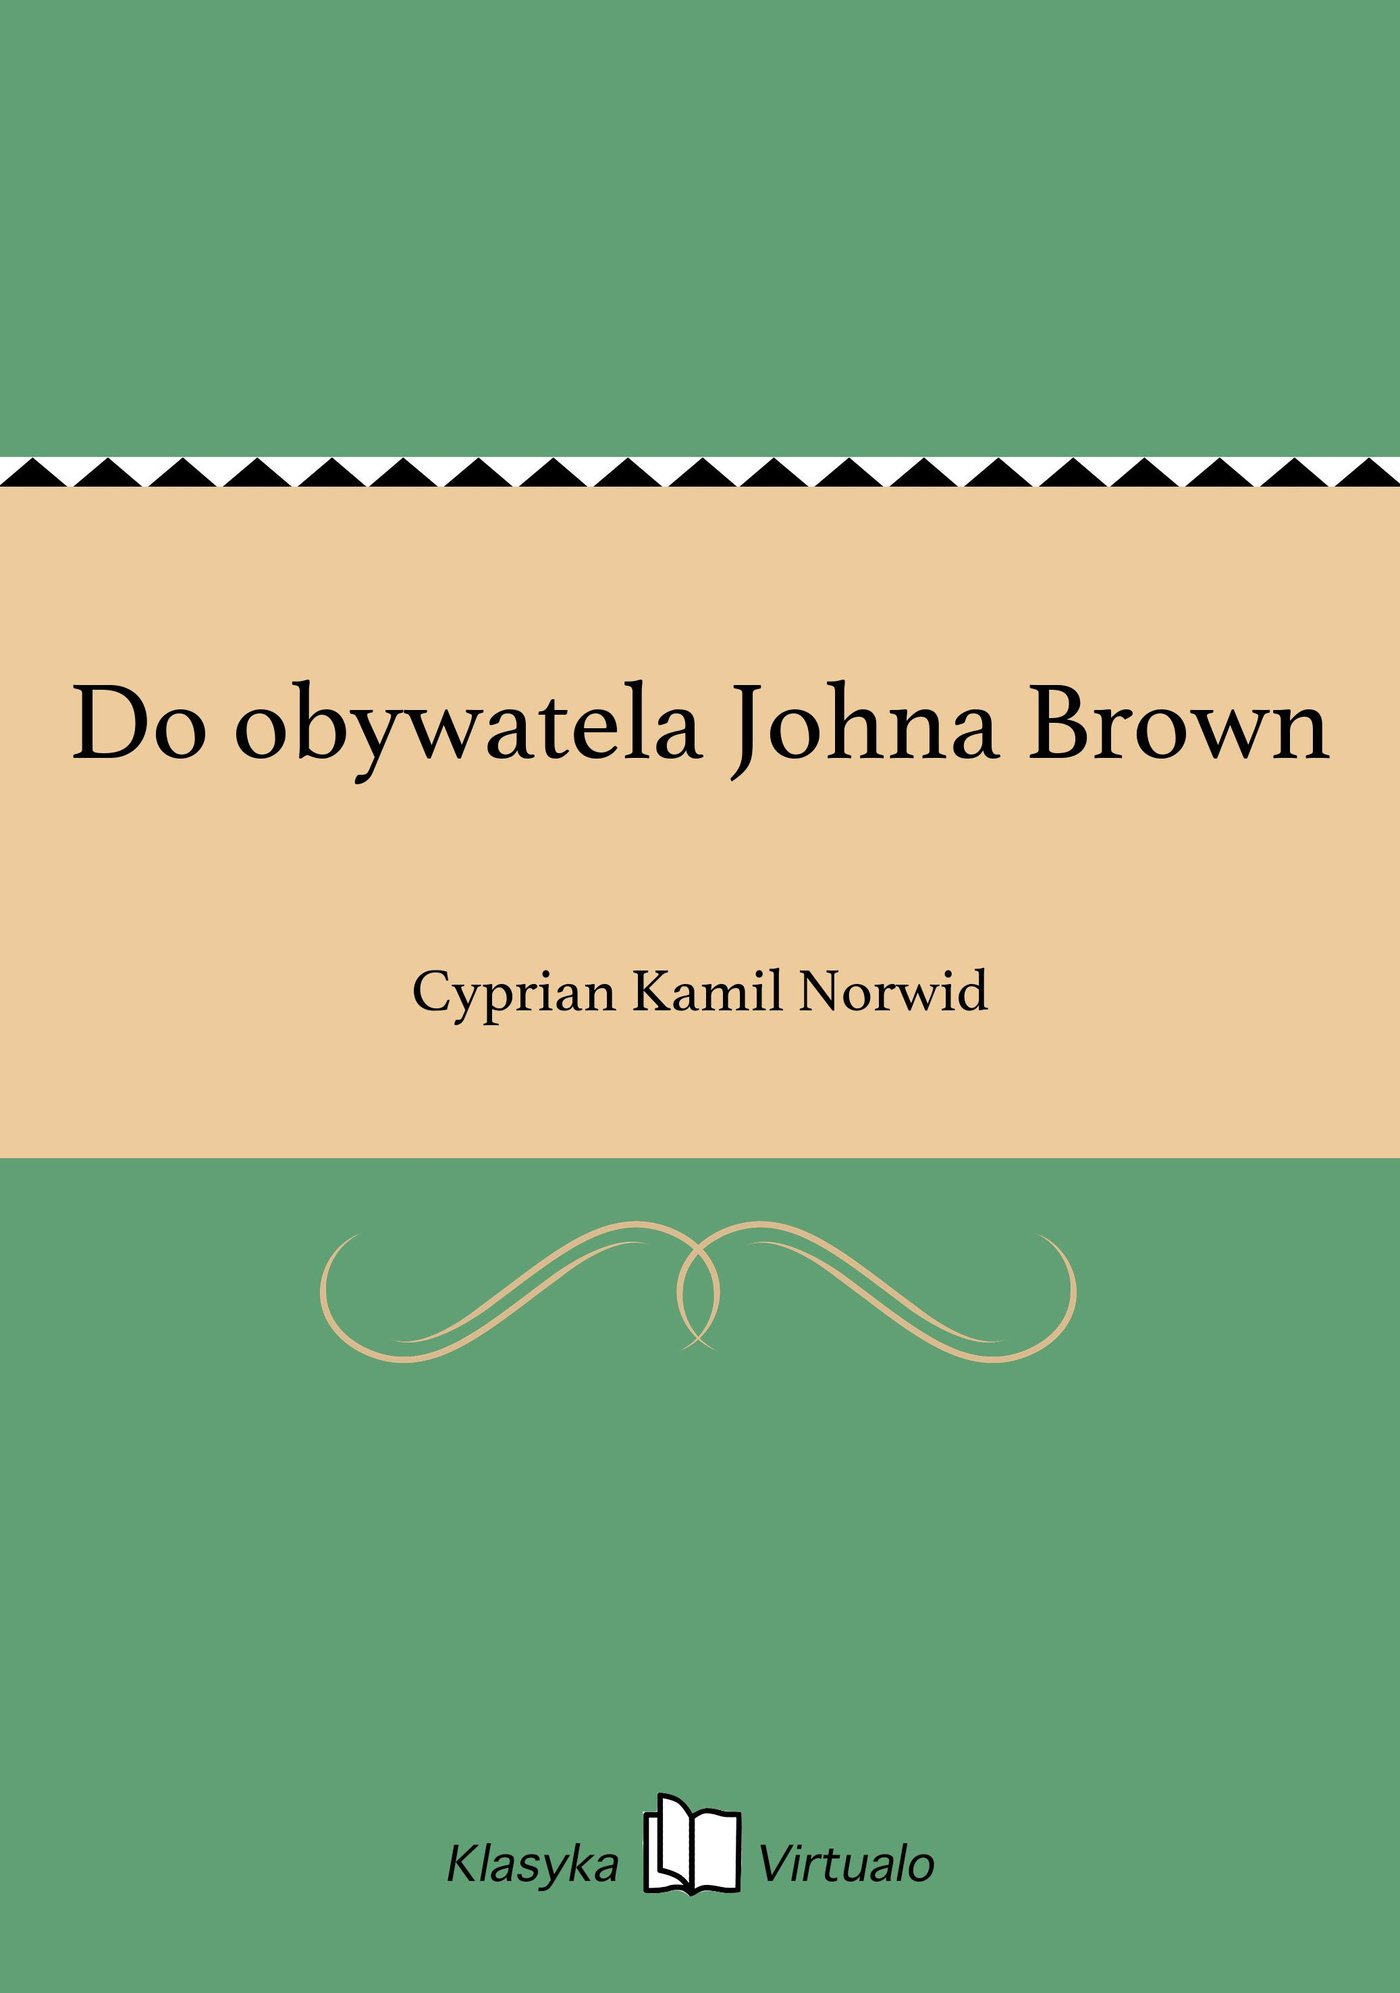 Do obywatela Johna Brown - Ebook (Książka na Kindle) do pobrania w formacie MOBI